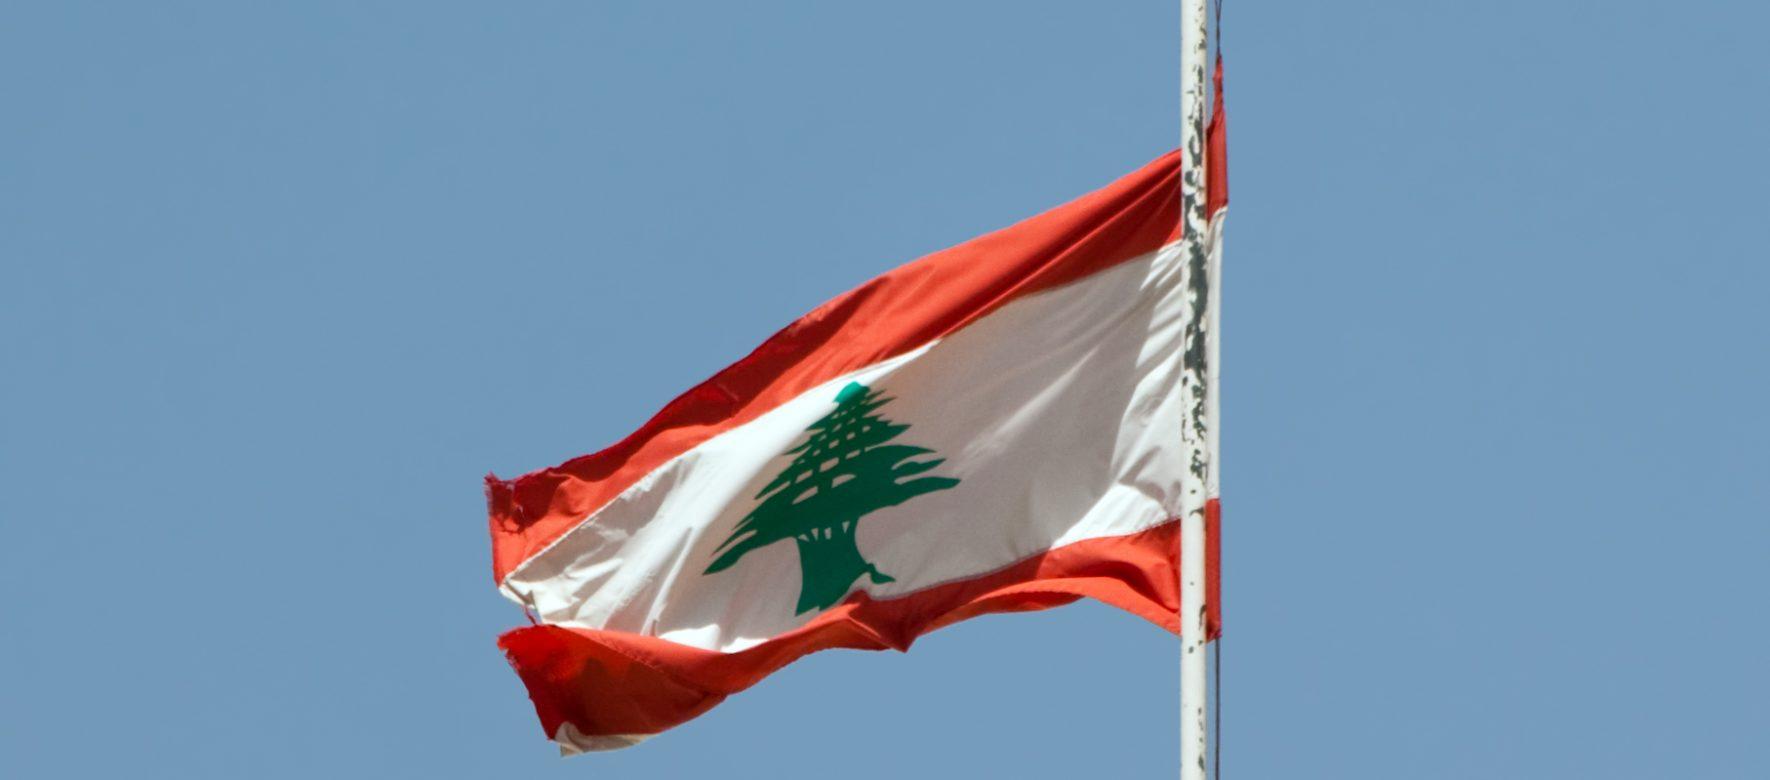 La politique « en bon état » au Liban selon le ministre de l'Intérieur